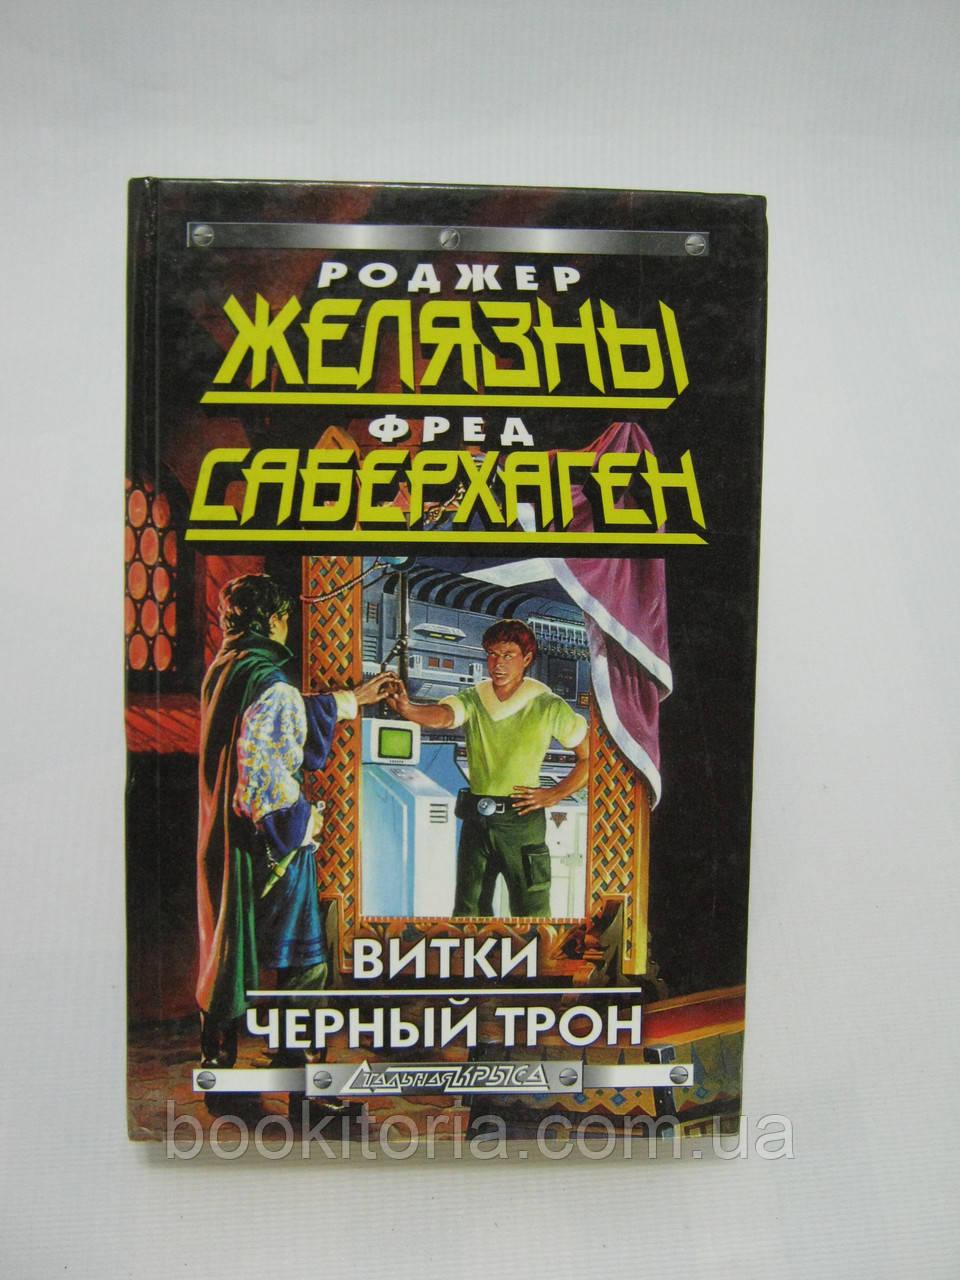 Желязны Р., Саберхаген Ф. Витки. Черный трон (б/у).